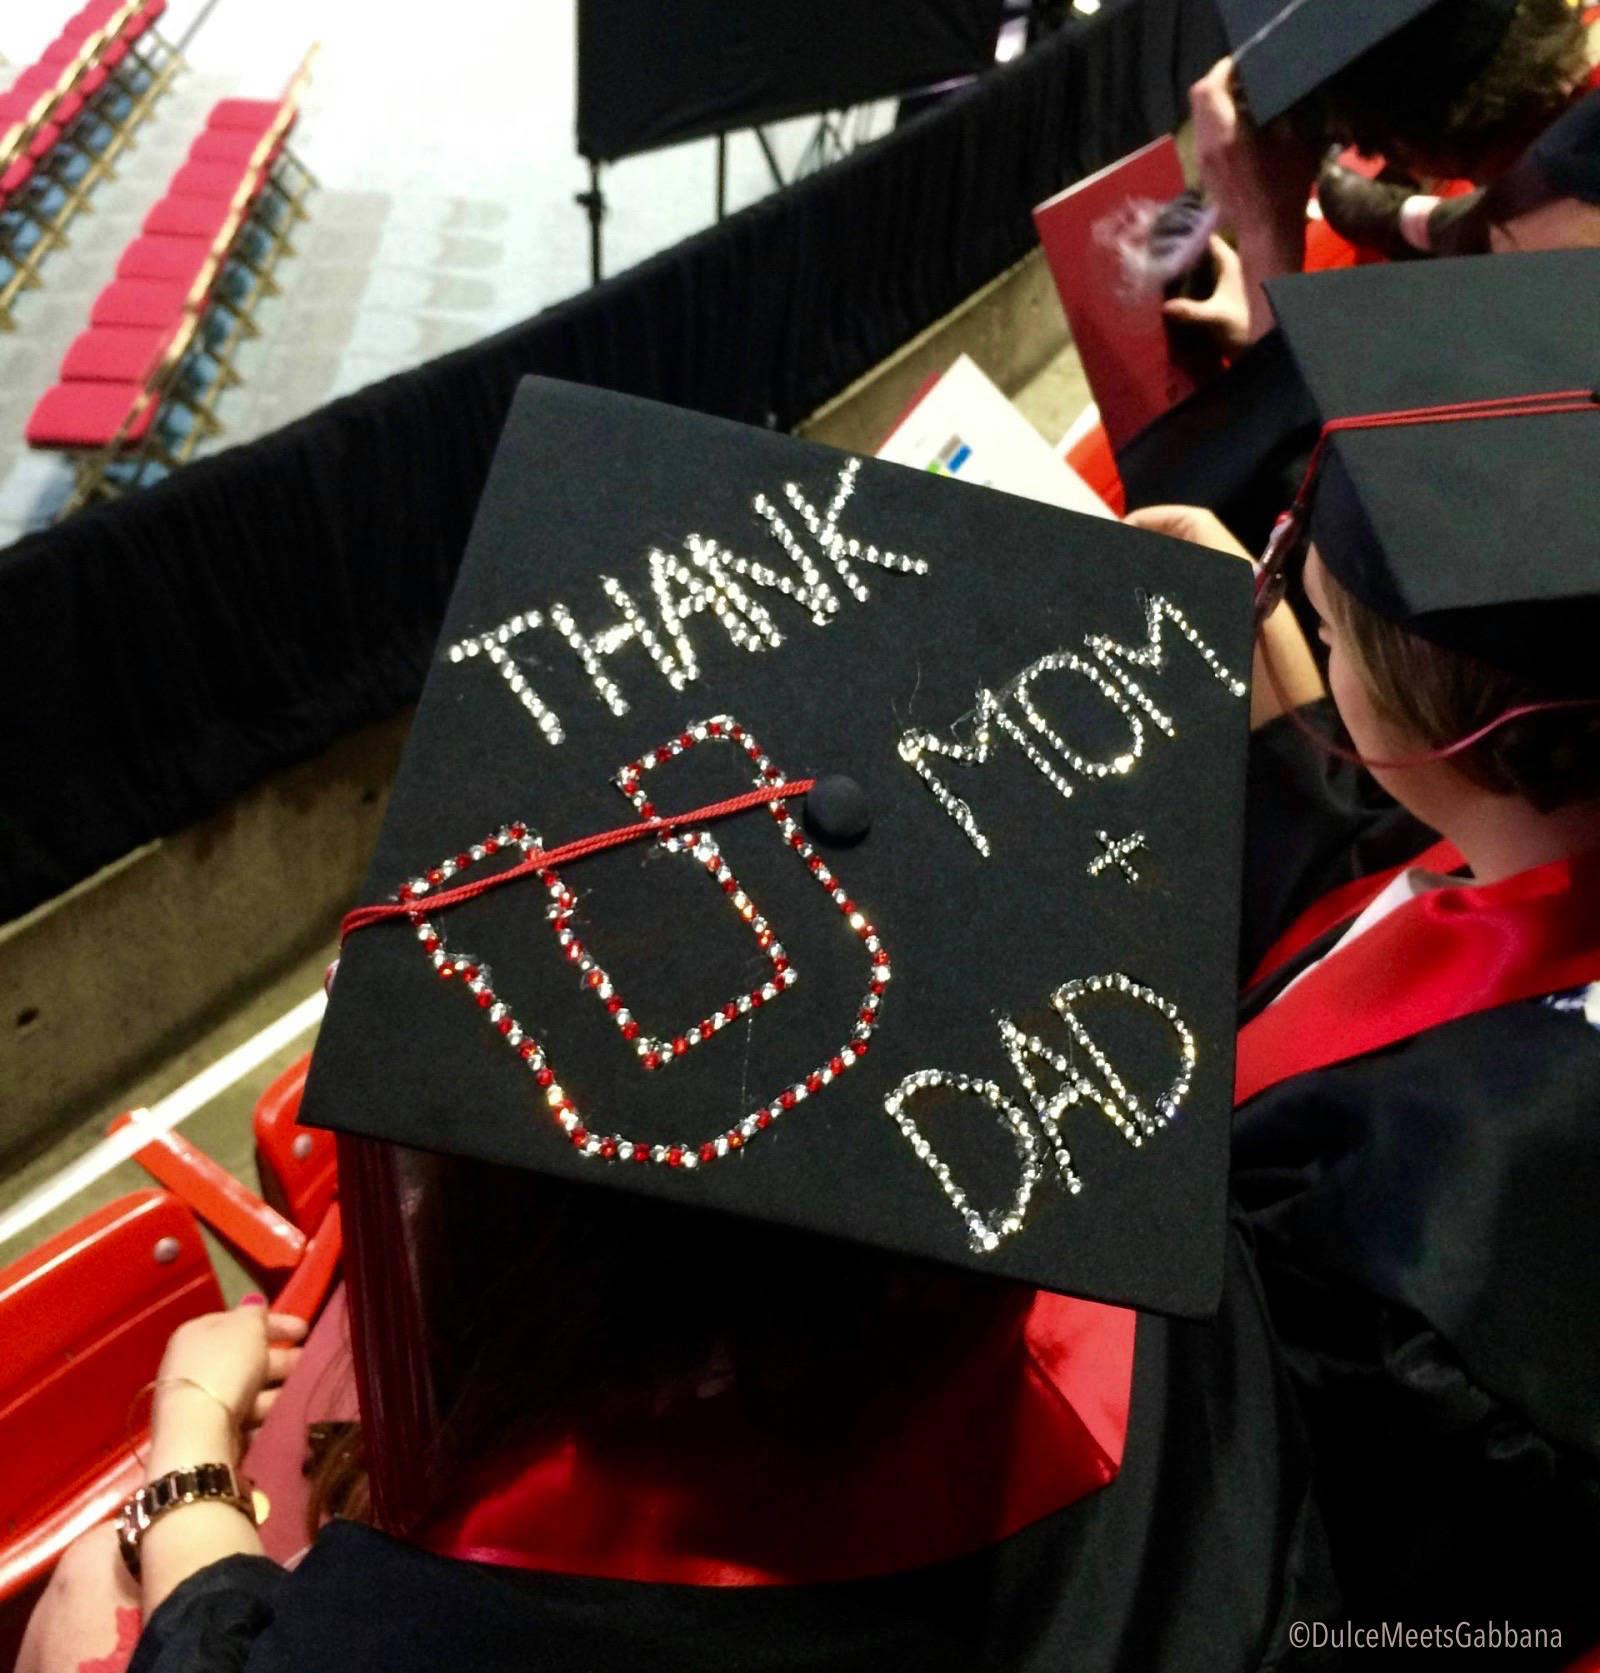 Nic_Graduation_Fotor